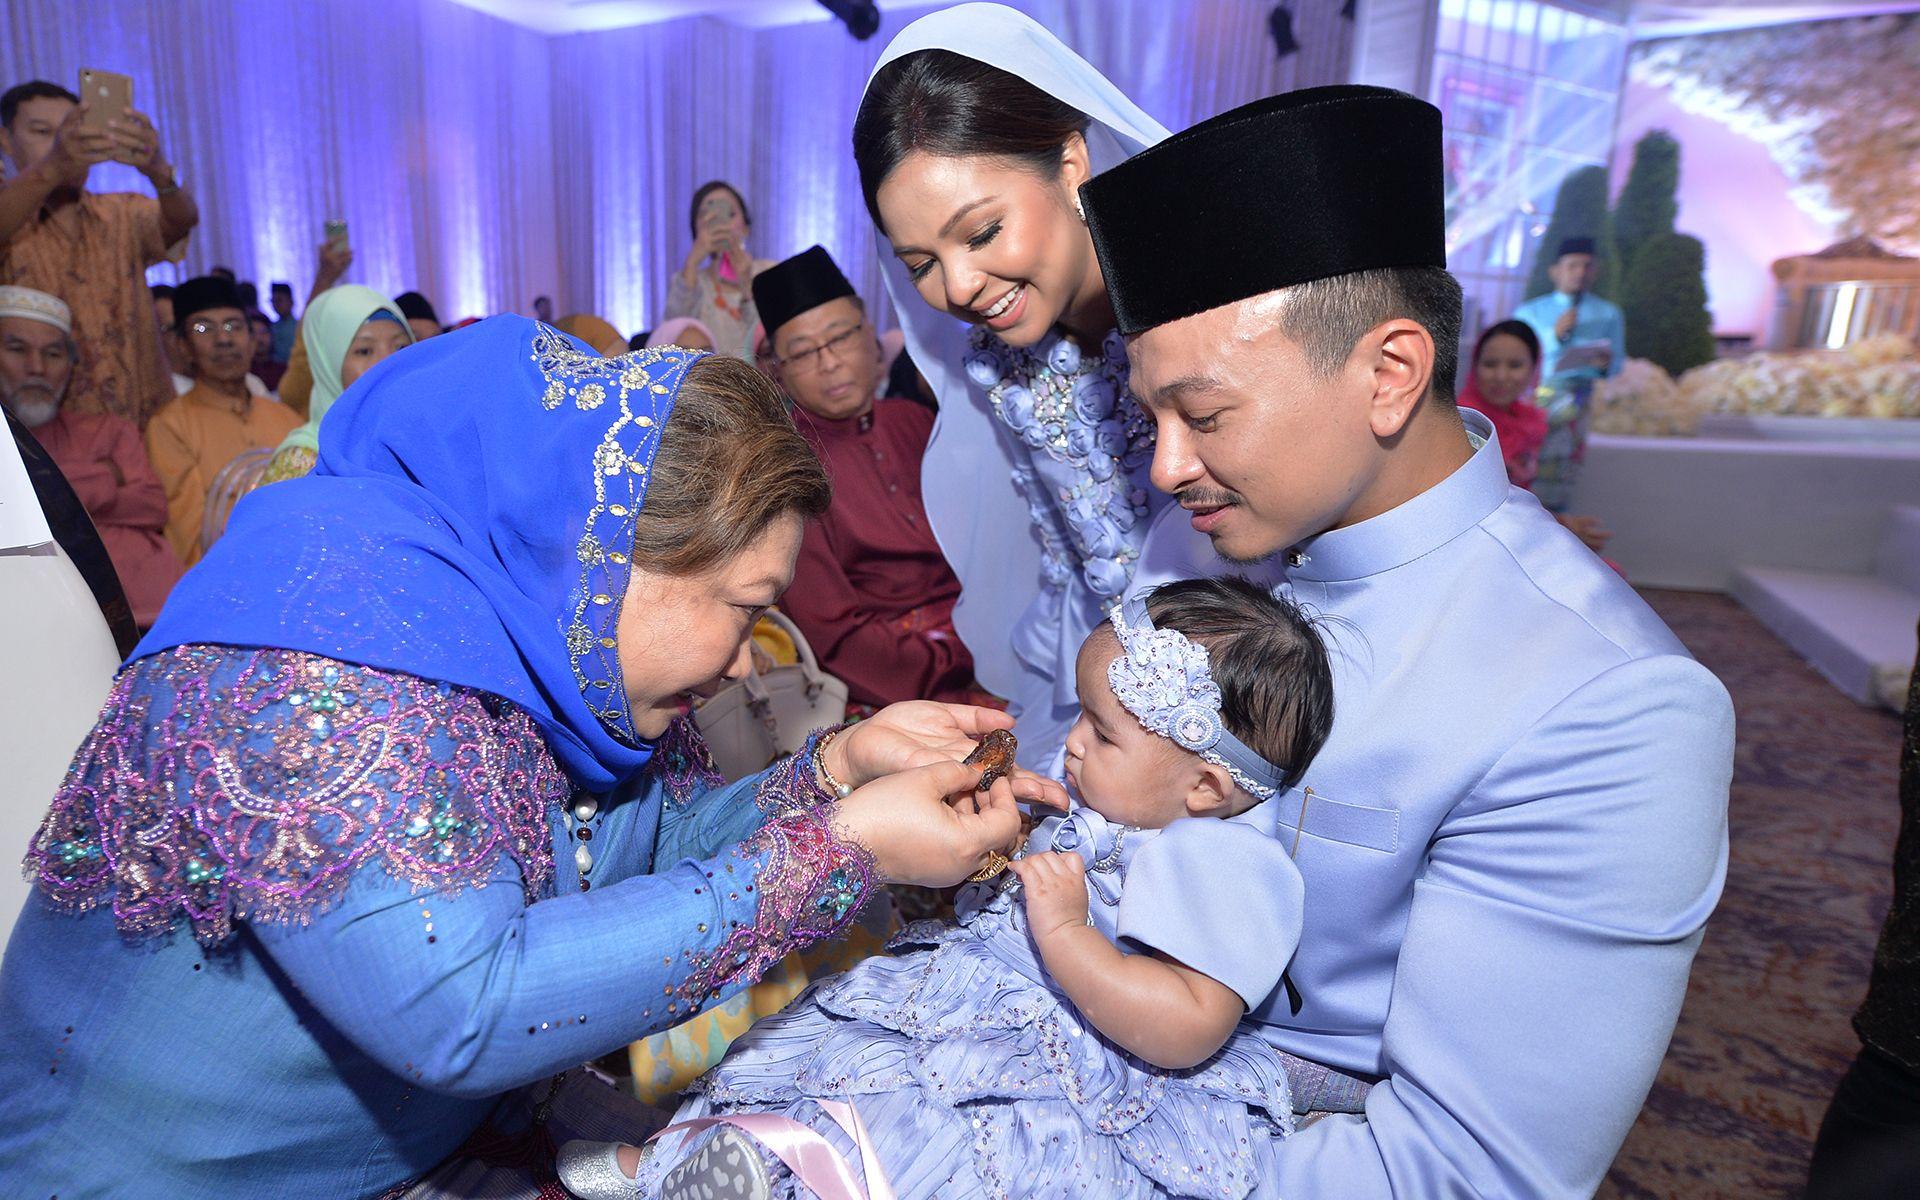 Tengku Puteri Seri Lela Wangsa Pahang Tengku Tan Sri Hajjah Meriam feeding Jeanelle a date